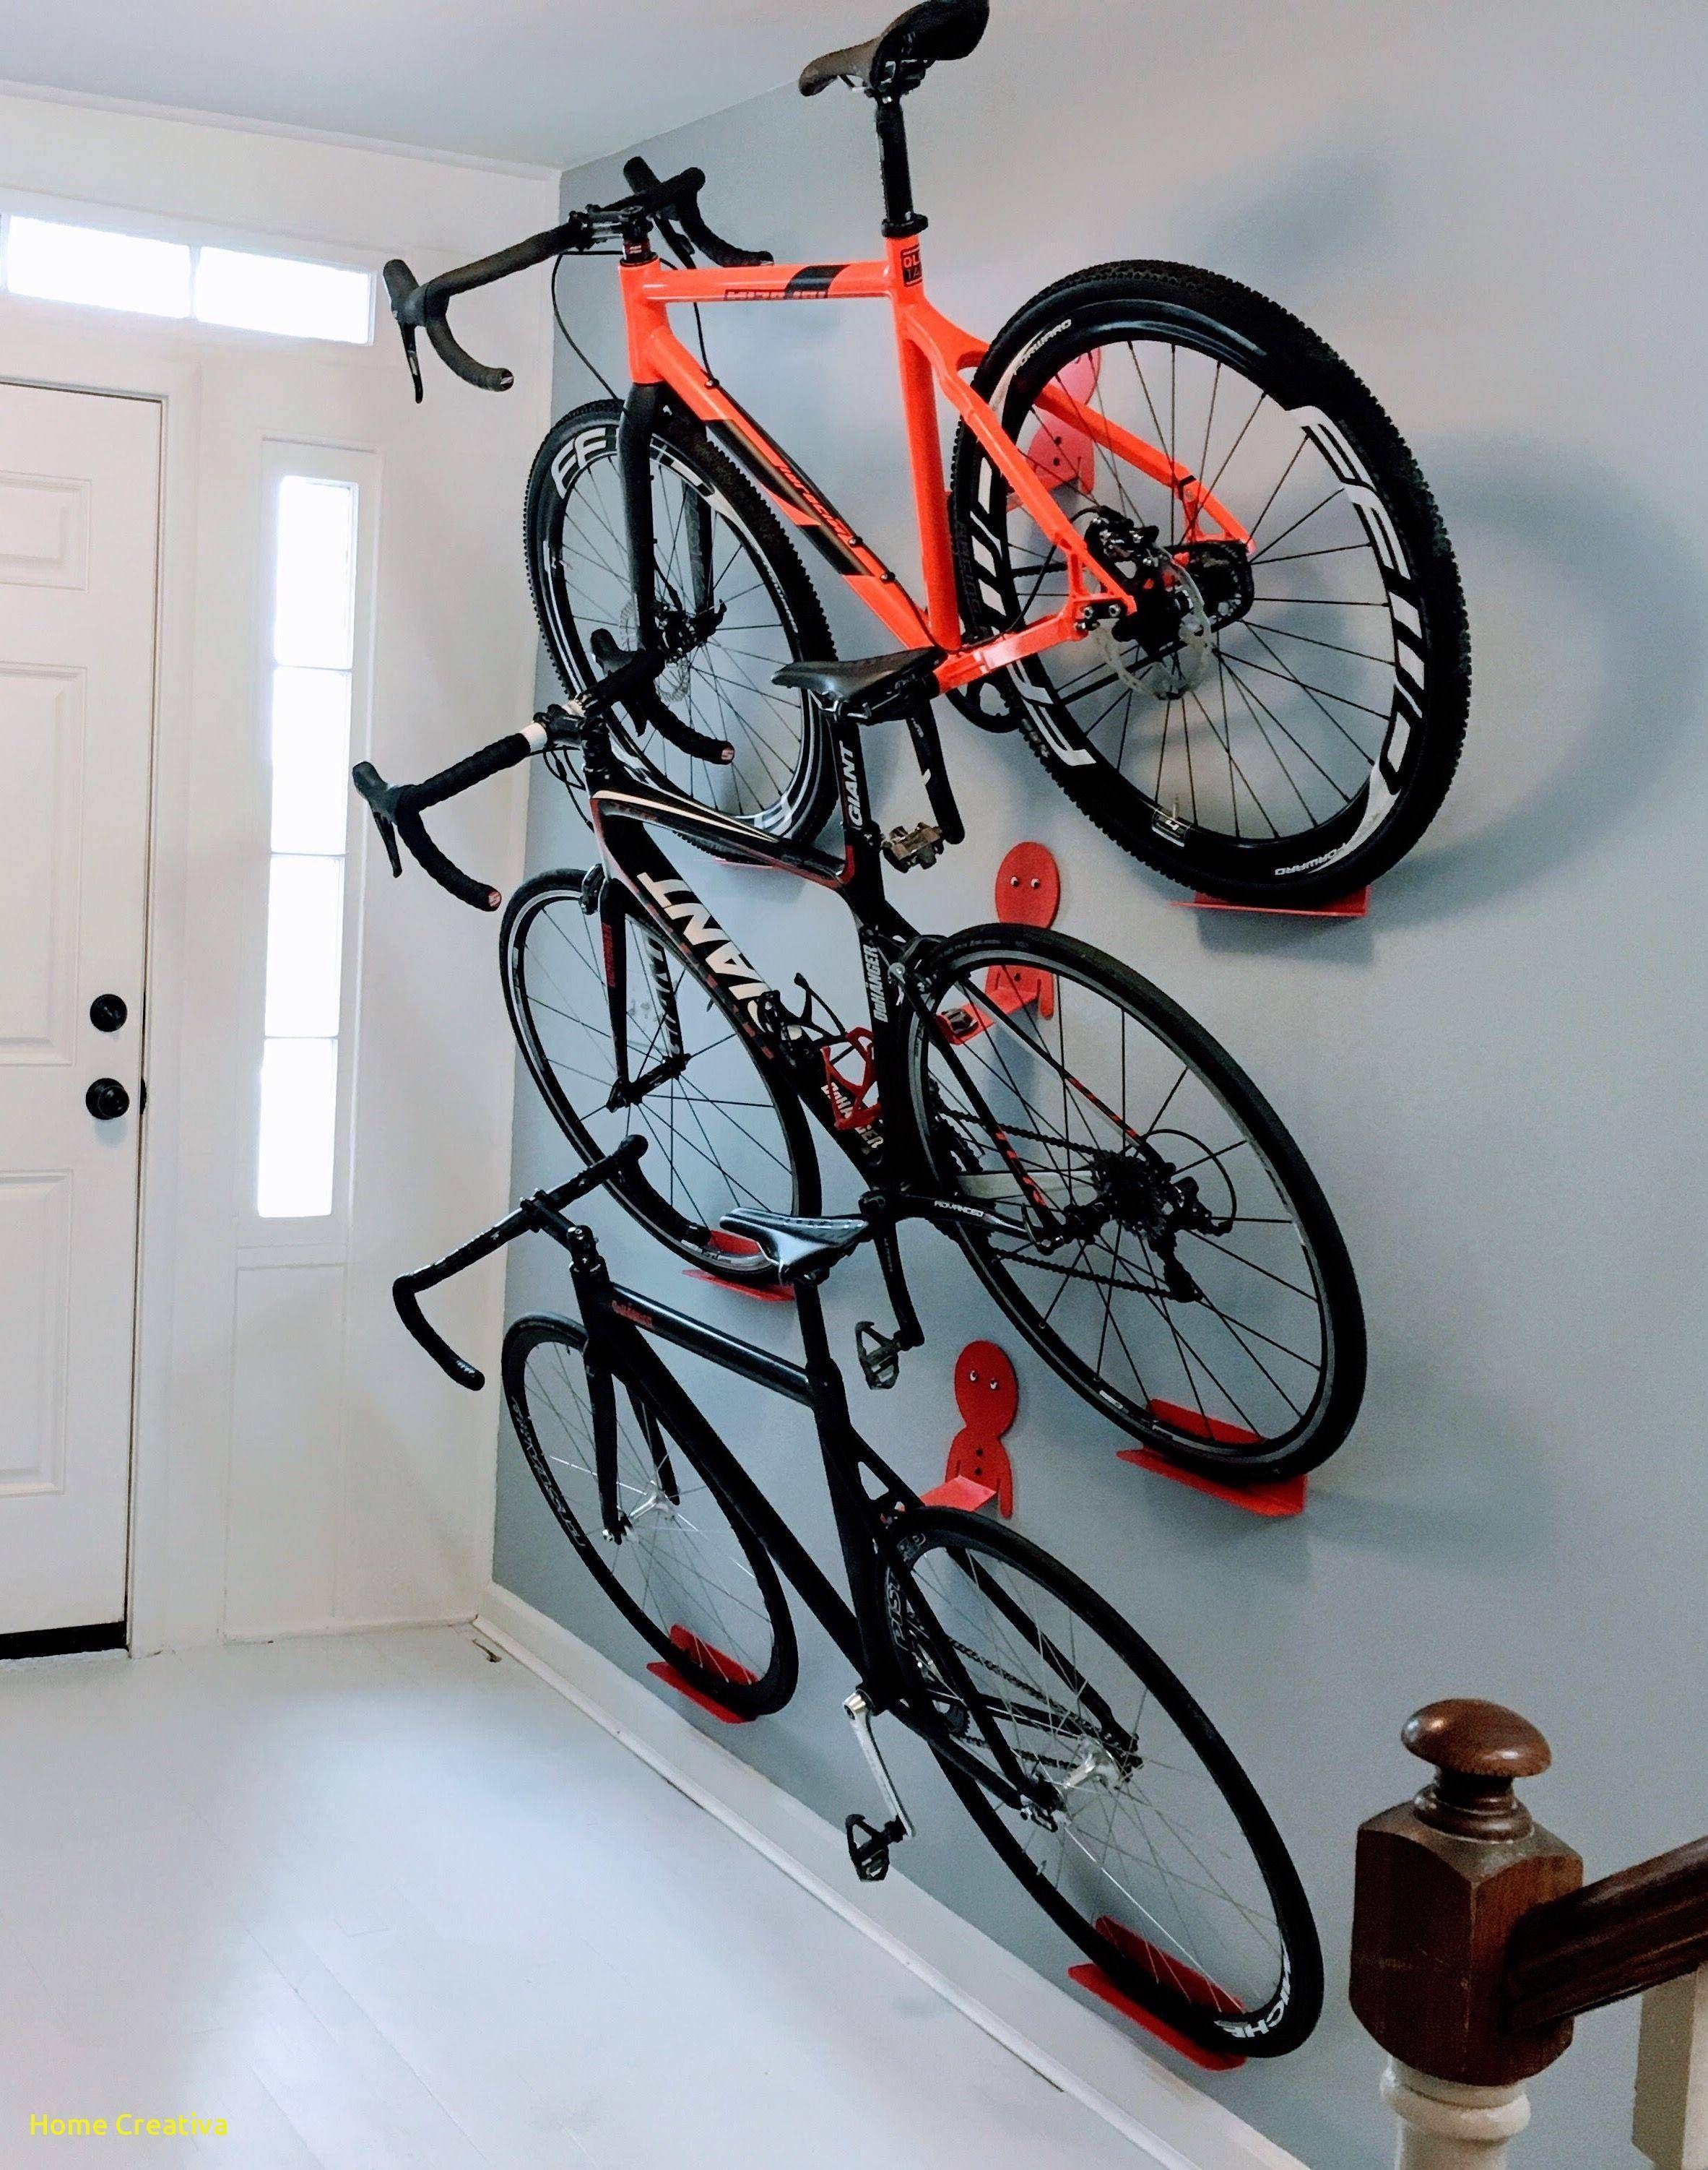 Diy Wall Mount Bike Repair Stand Bike Rack Wall Bike Wall Mount